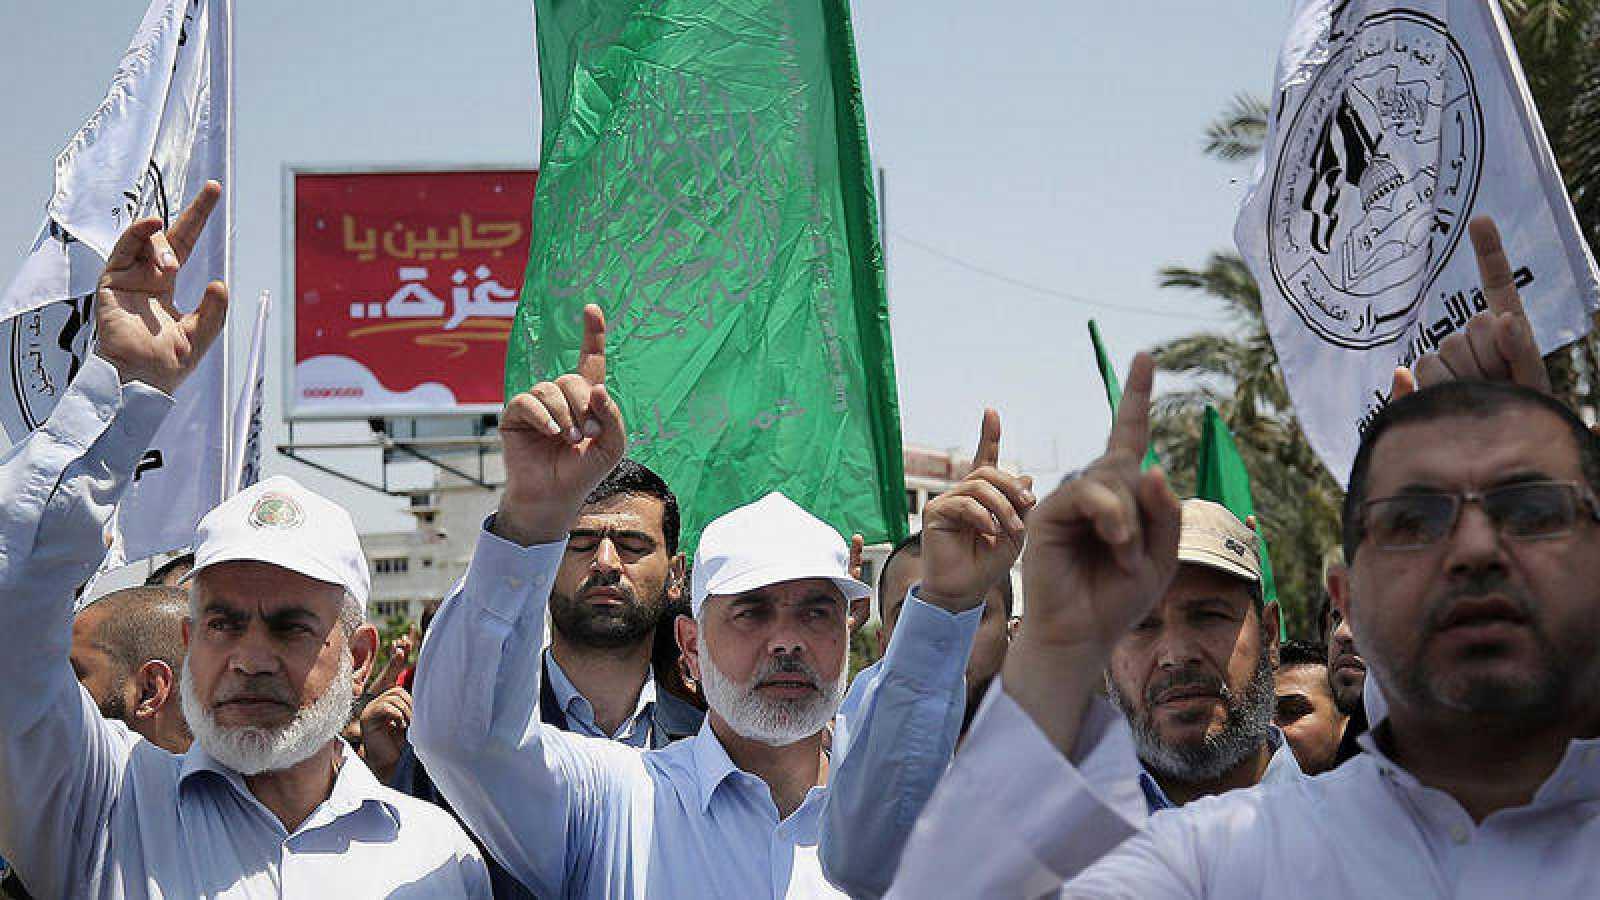 El principal líder de la organización Hamas, el jeque Ismaeil Haneiya (centro) asiste a una protesta contra las medidas de seguridad en la mezquita de Al-Aqsa el 21 de julio de 2017, en la ciudad de Gaza (Franja de Gaza)